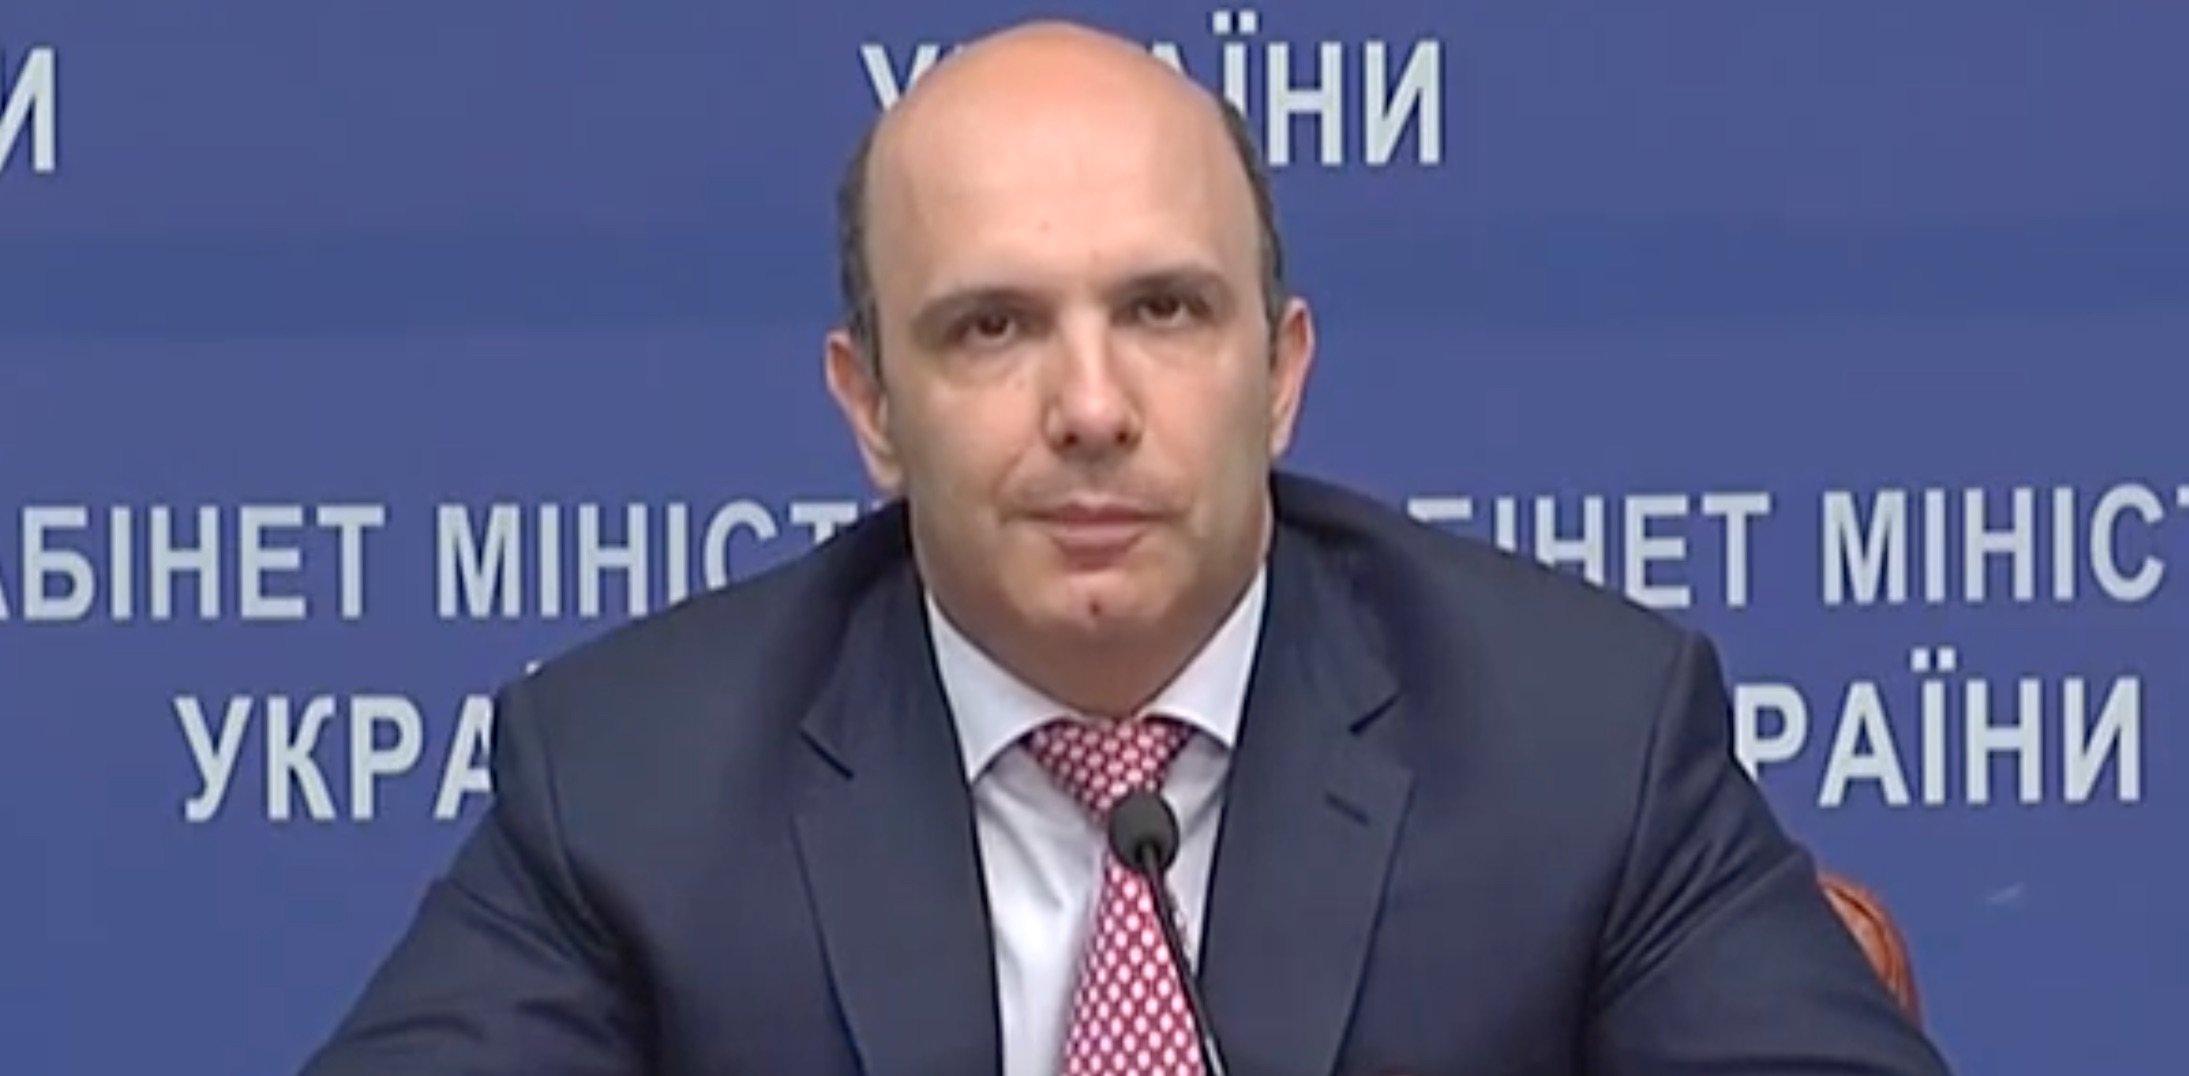 Обвиняли в связях с «ДНР»: что известно о будущем главе Минэкологии